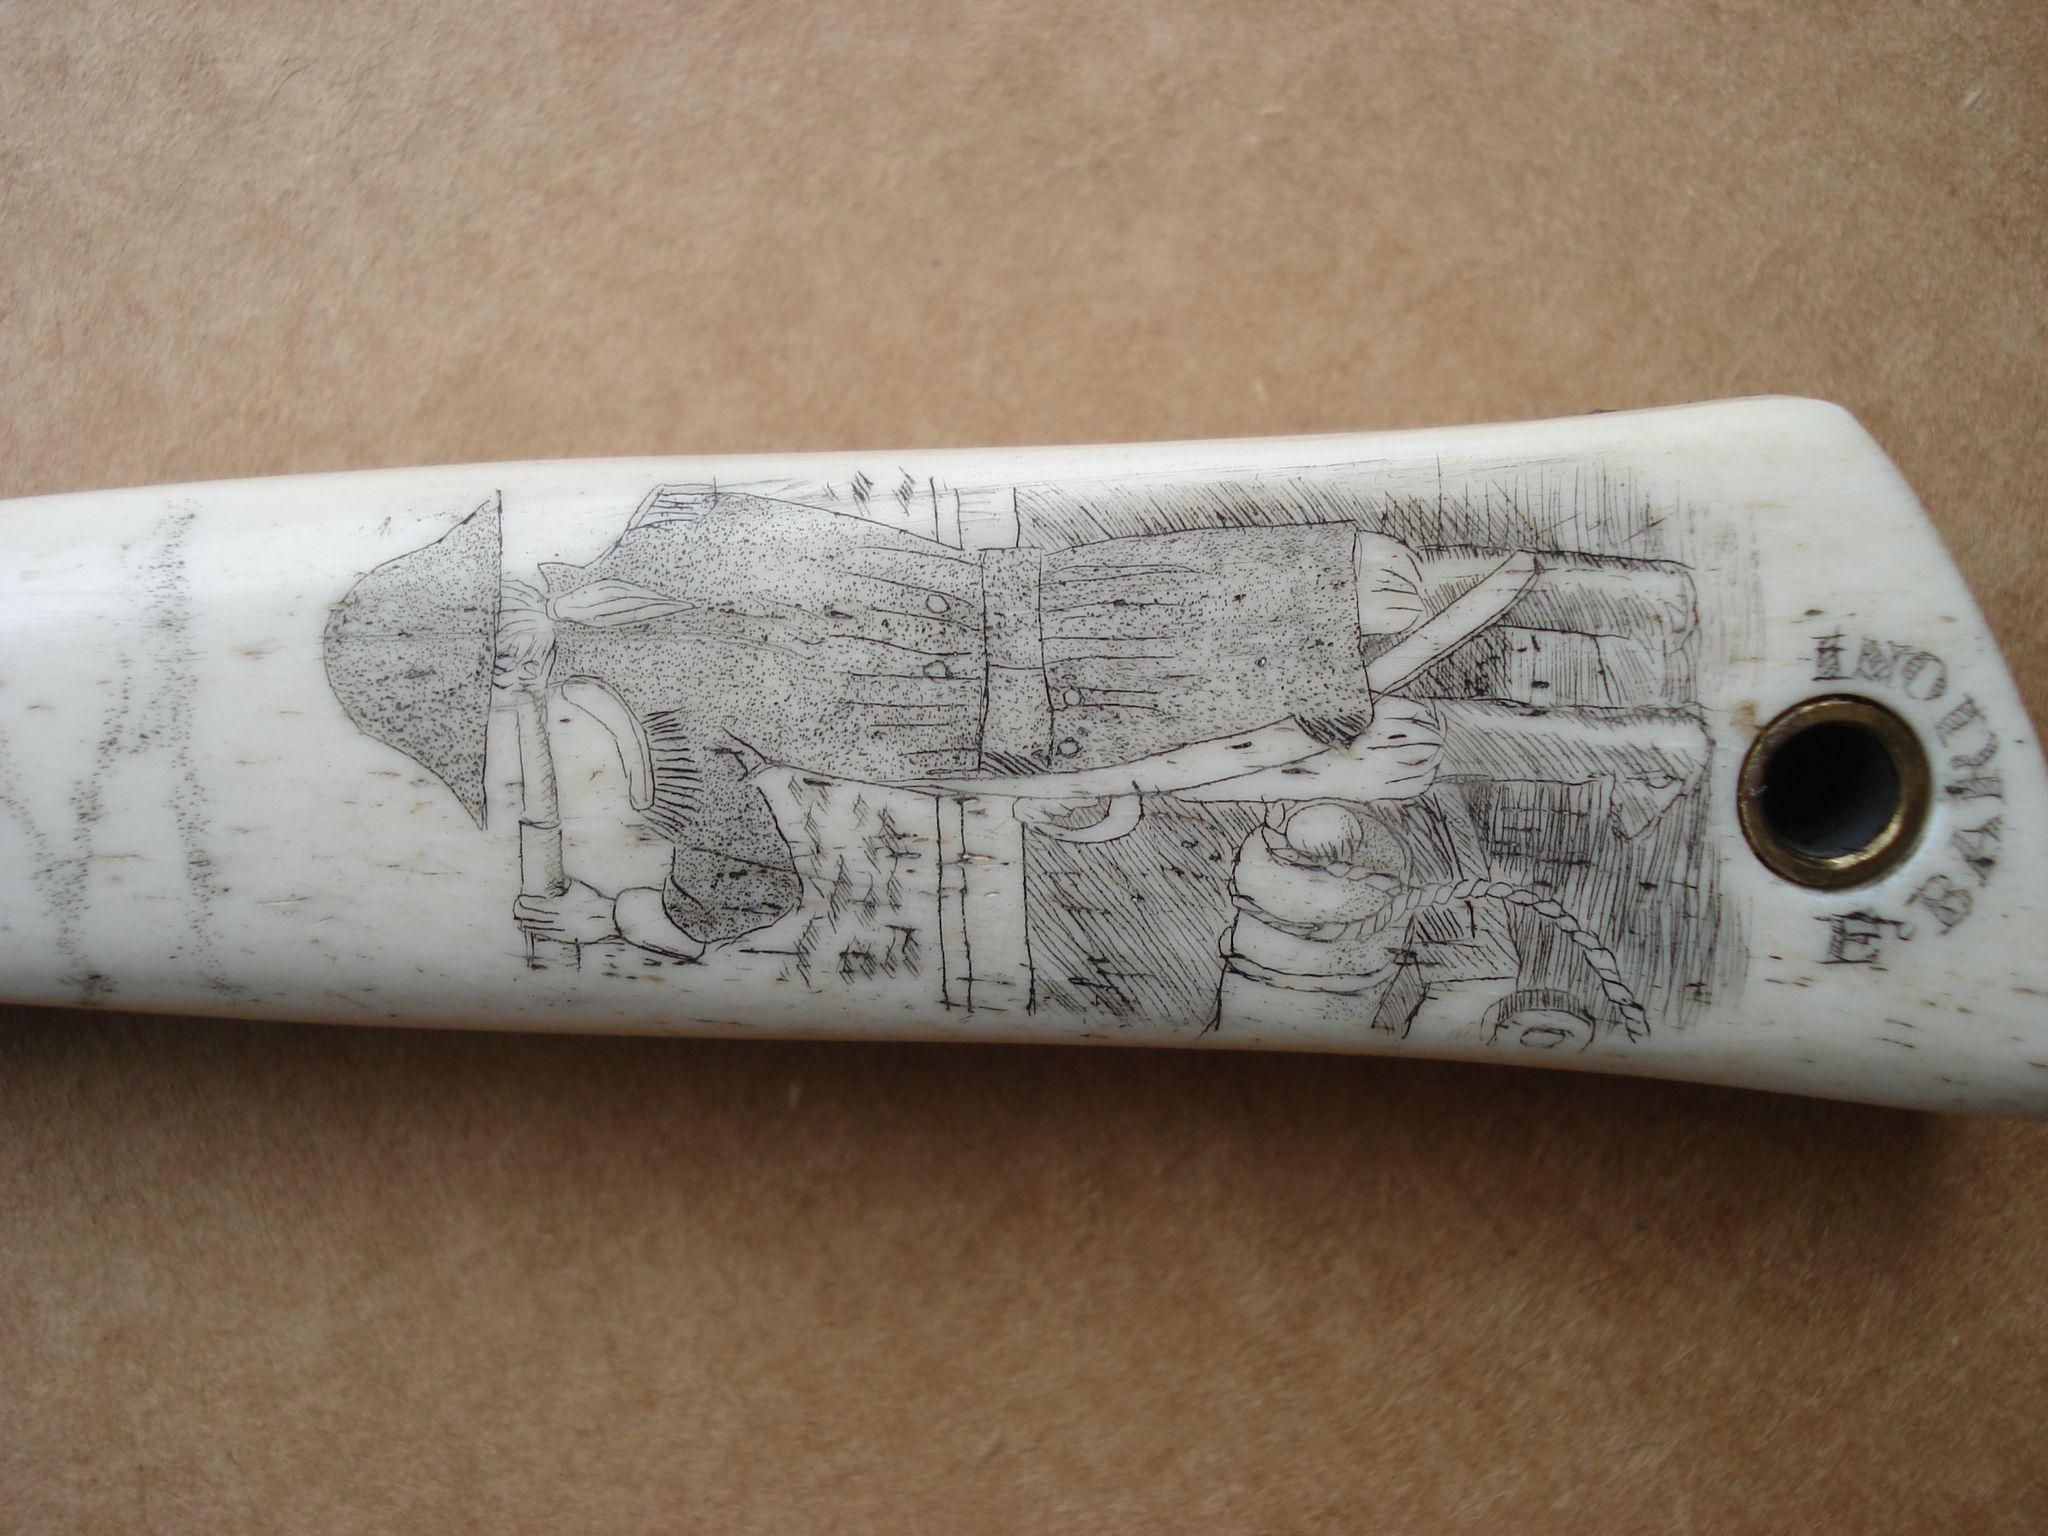 Engraving splint bone in the jackknife